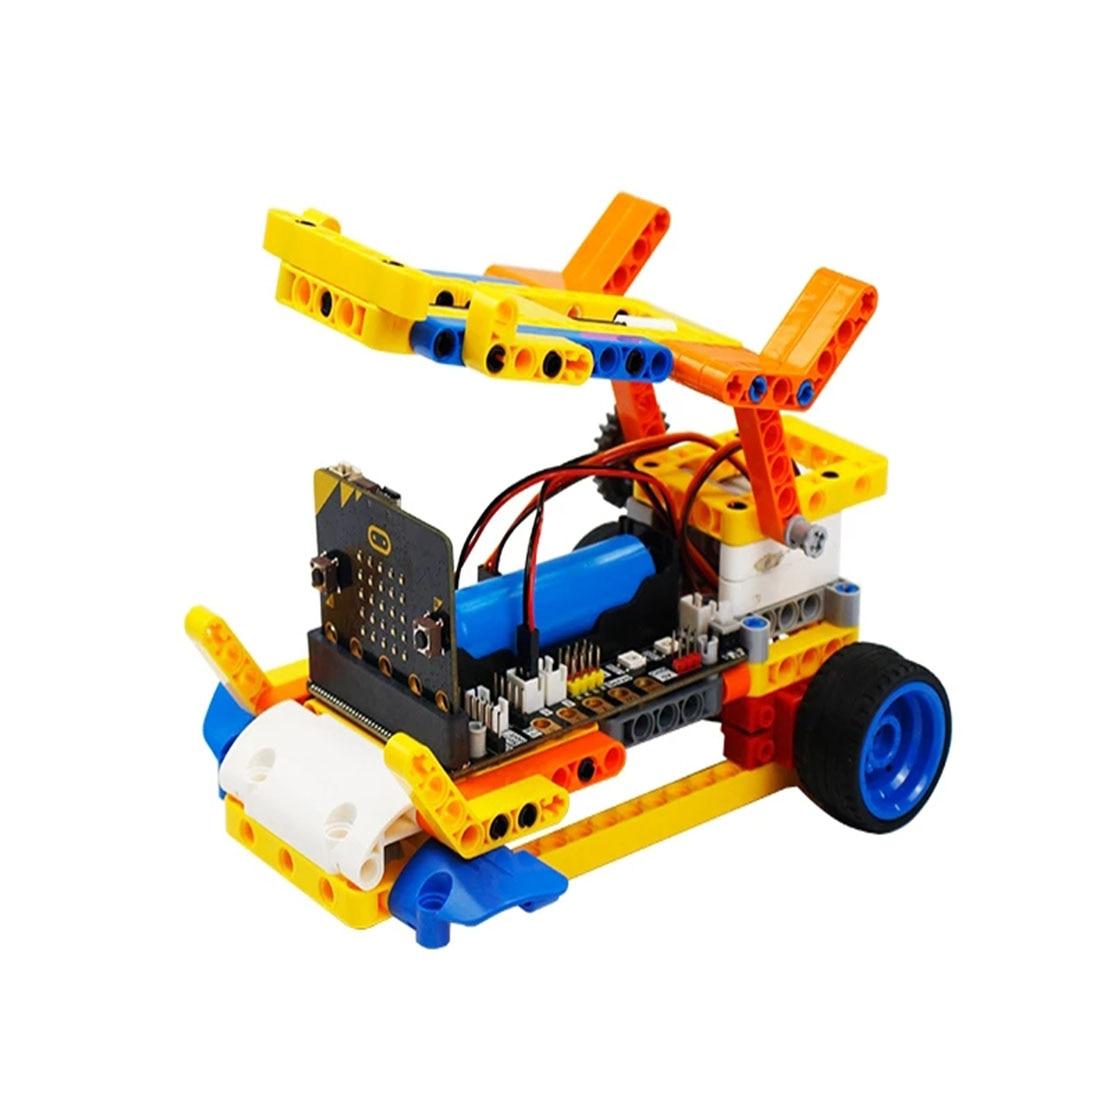 Programm Intelligente Roboter Baustein Auto Kit Verschiedene Formen Dampf Programmierung Bildung Auto Für Micro: Bit Programmierbare Spielzeug